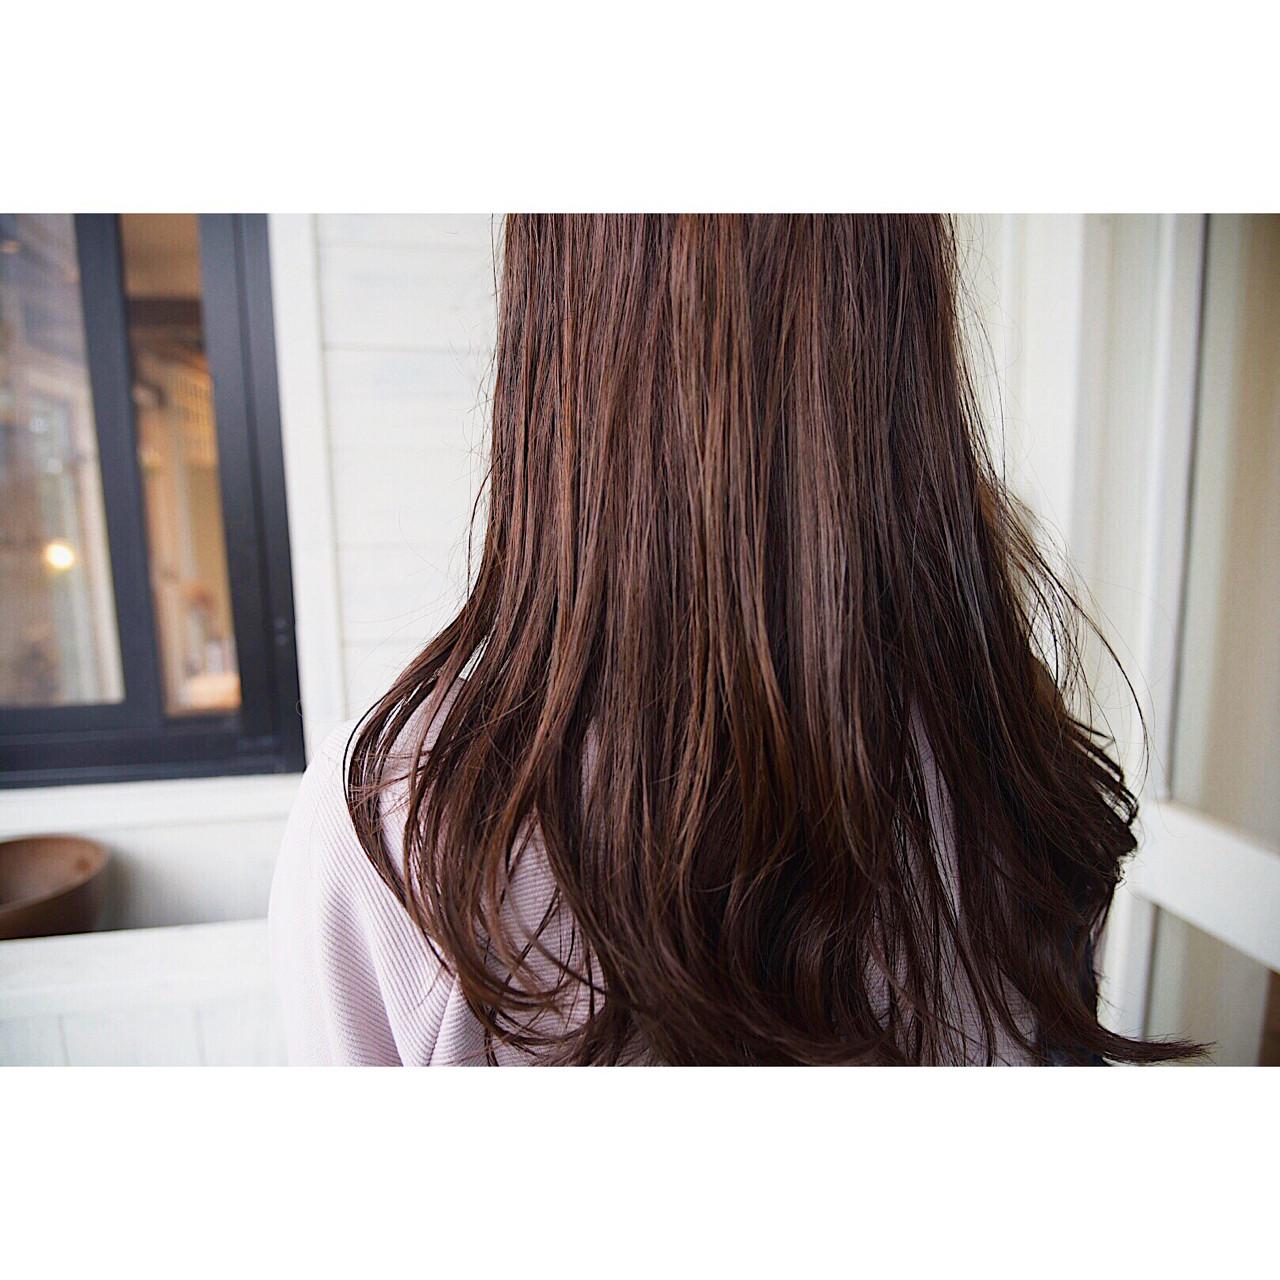 ナチュラル ウェーブ ゆるふわ 外ハネ ヘアスタイルや髪型の写真・画像 | ニシモリ ショウヘイ / 583koyomi